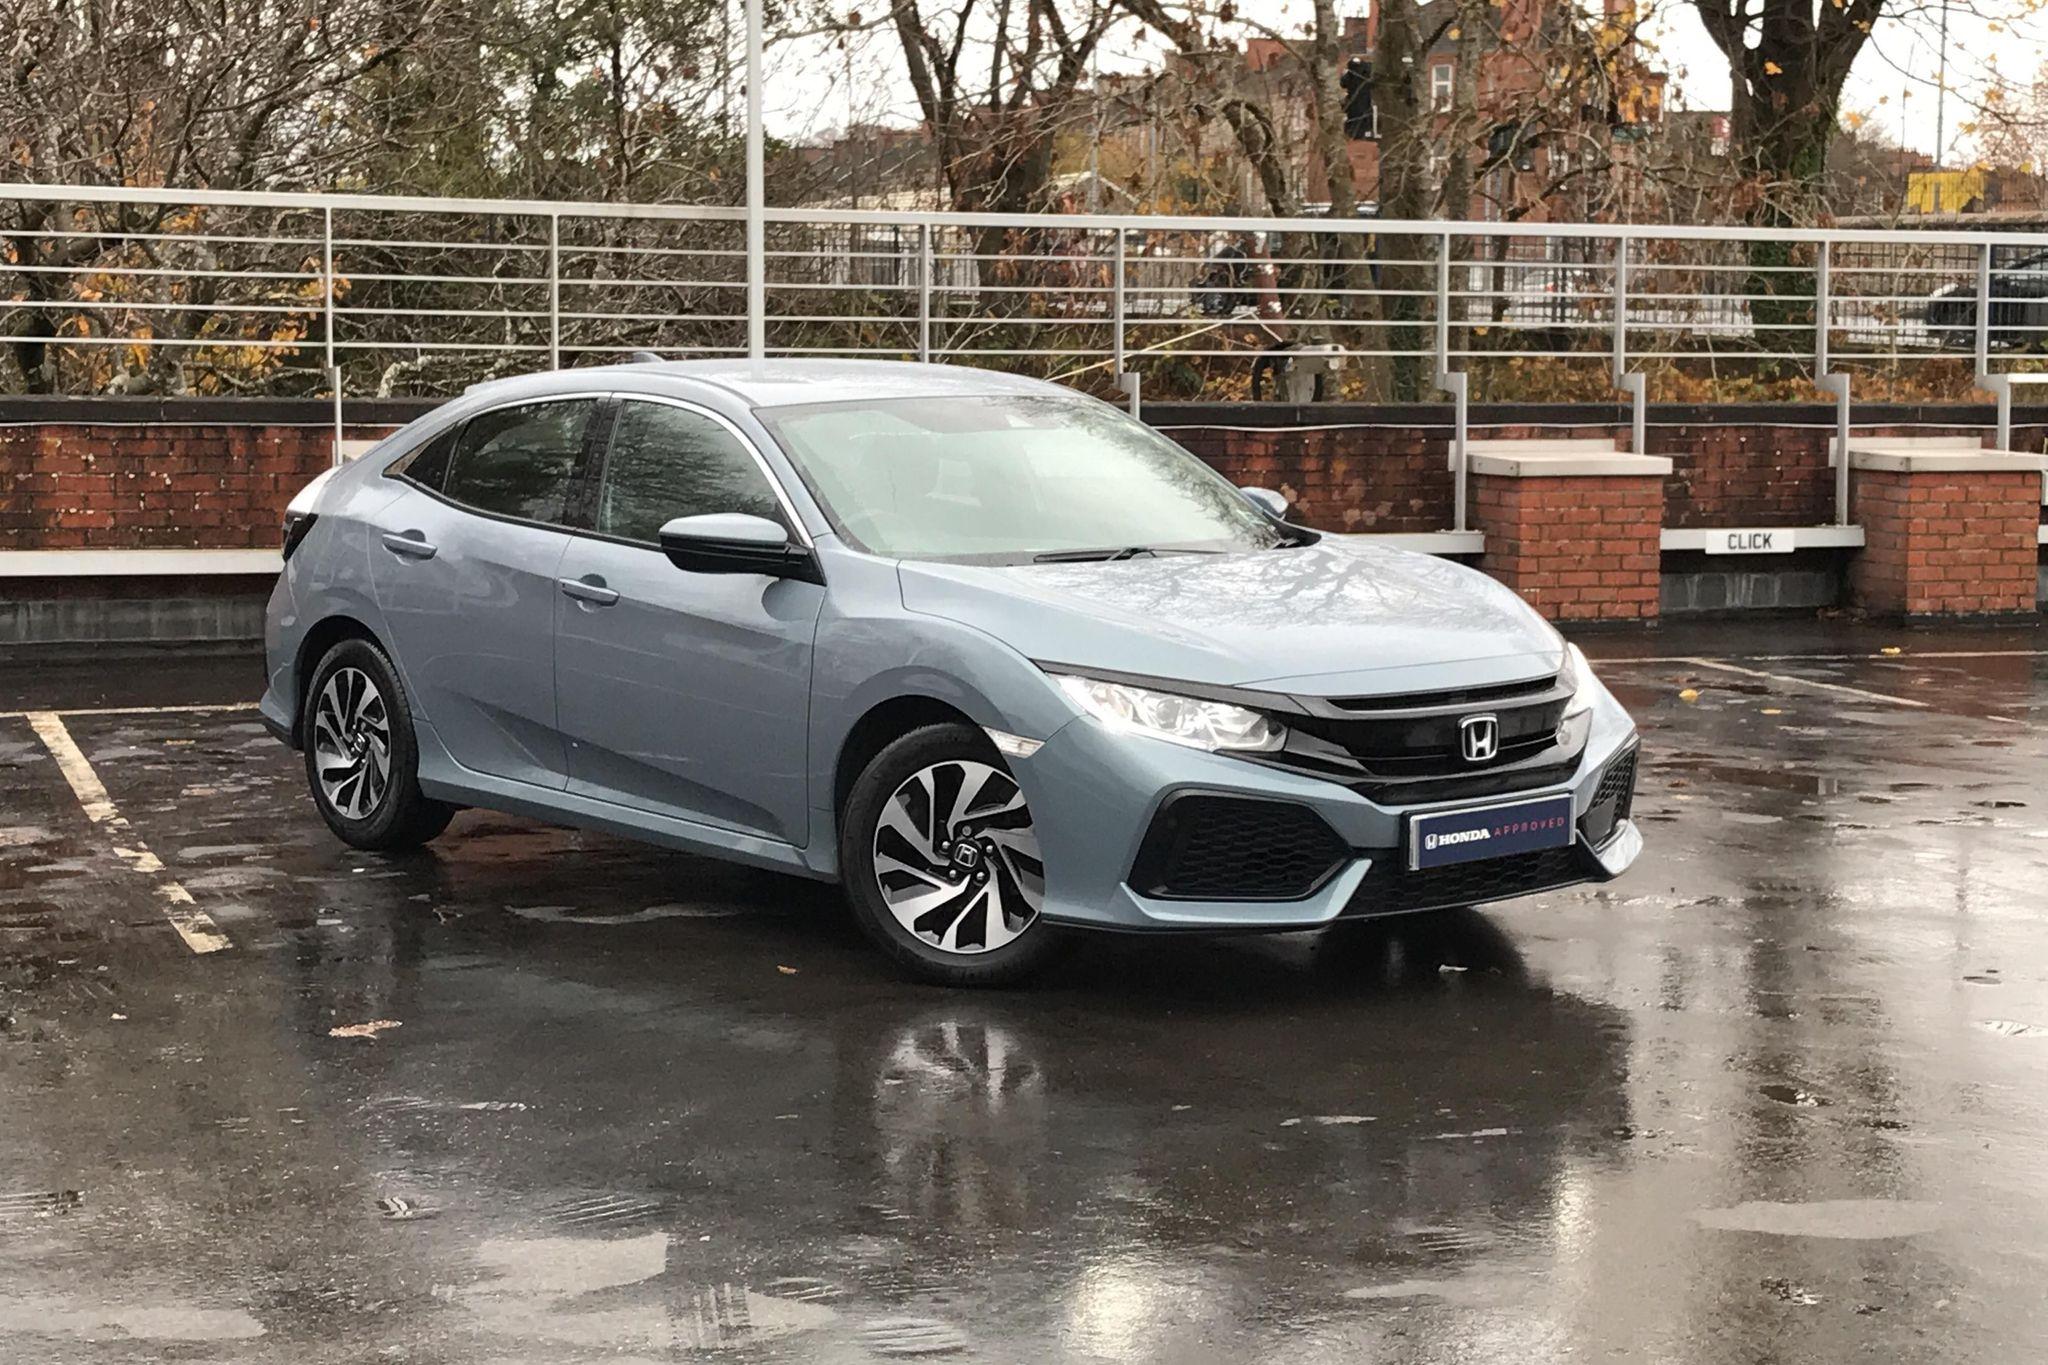 Honda Civic 1.0 VTEC Turbo SE (s/s) 5dr